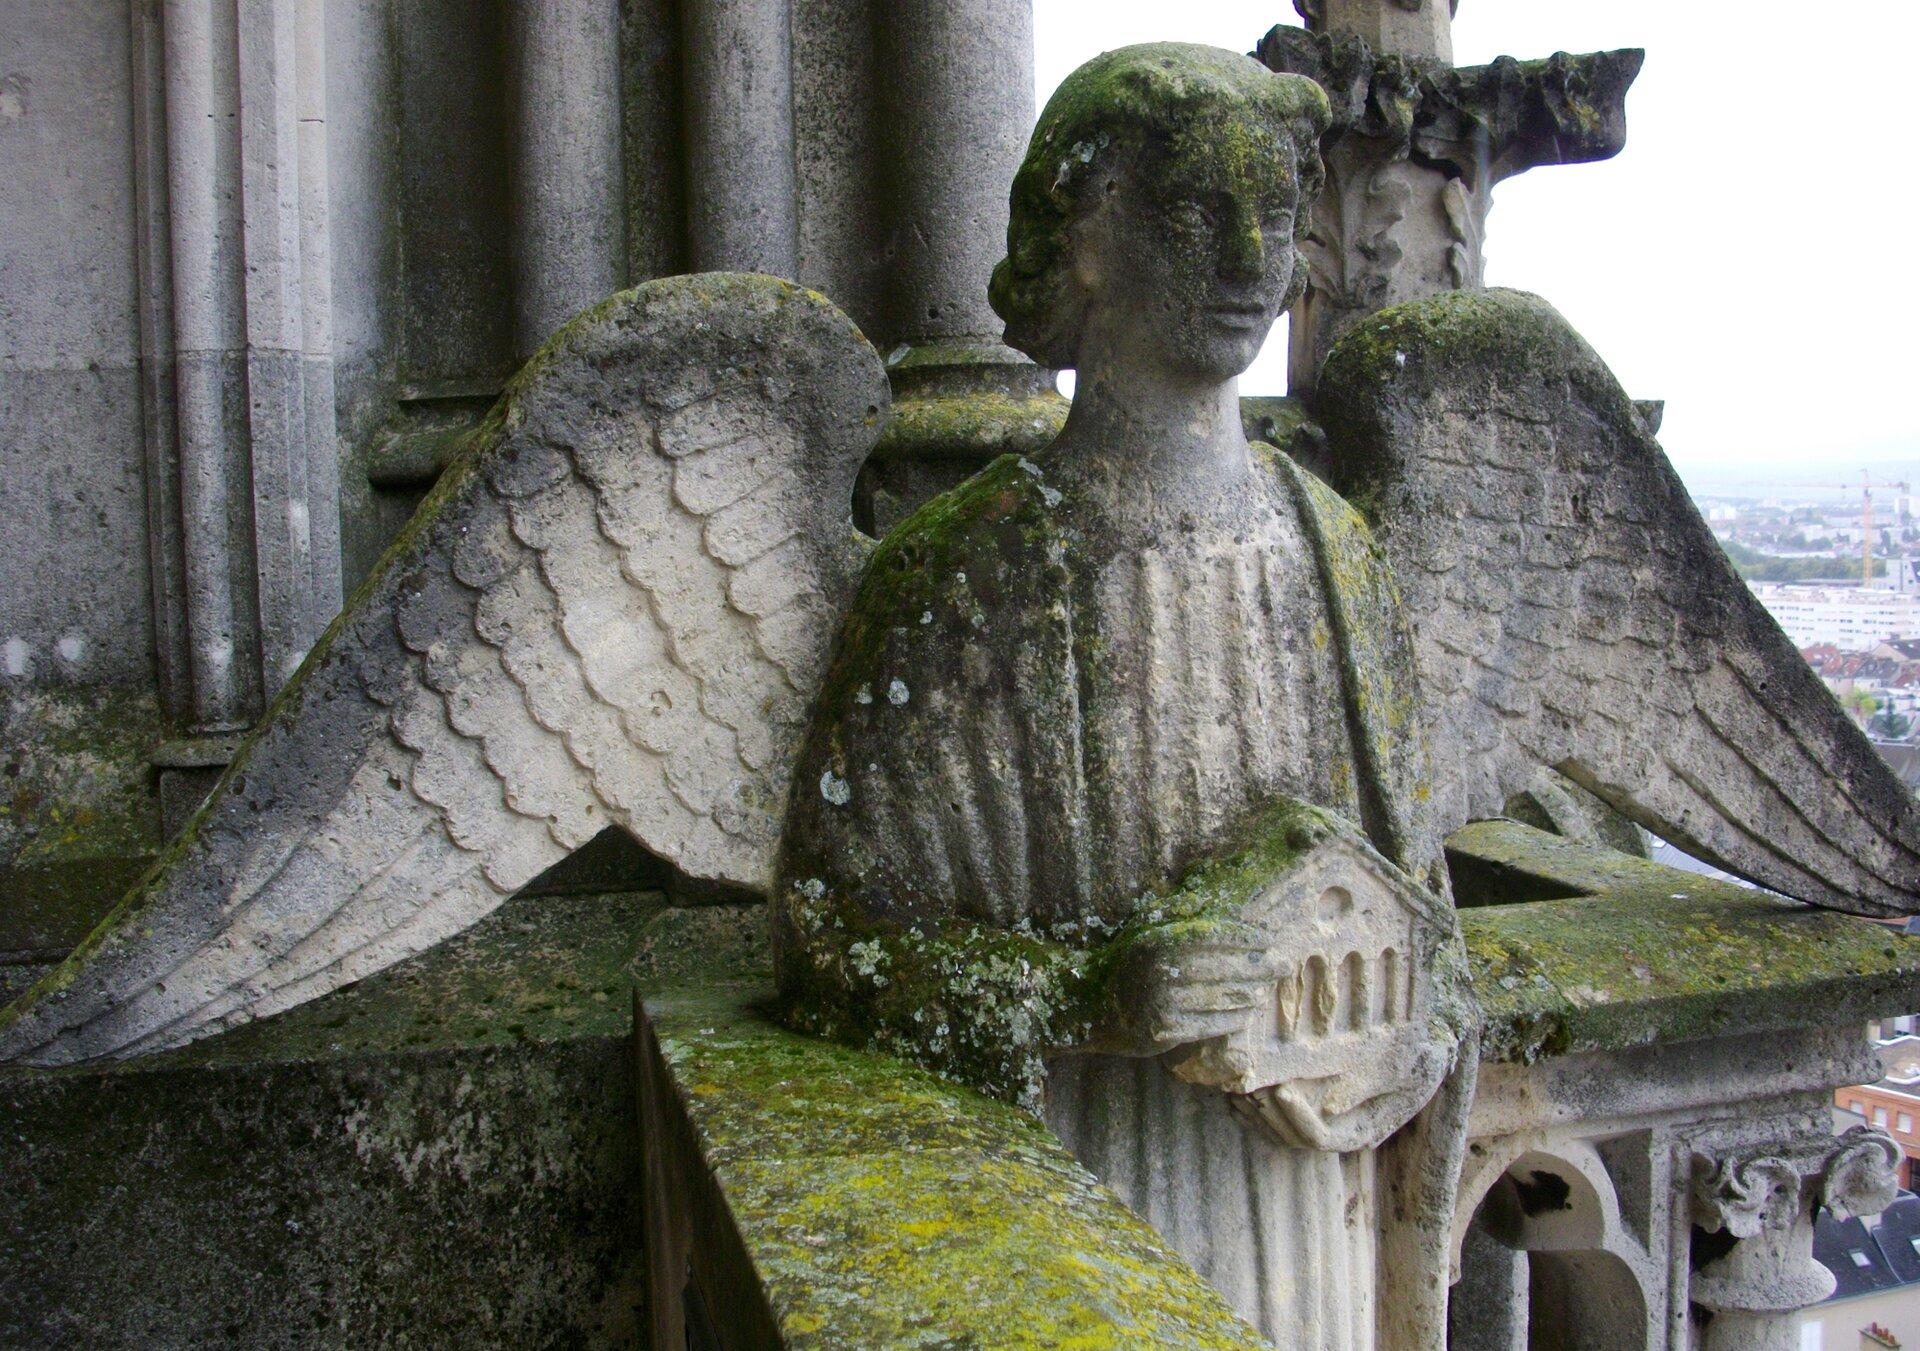 Rzeźba anioła Rzeźba anioła Źródło: pierwsza połowa XIII wieku, katedra wReims, licencja: CC BY-SA 3.0.